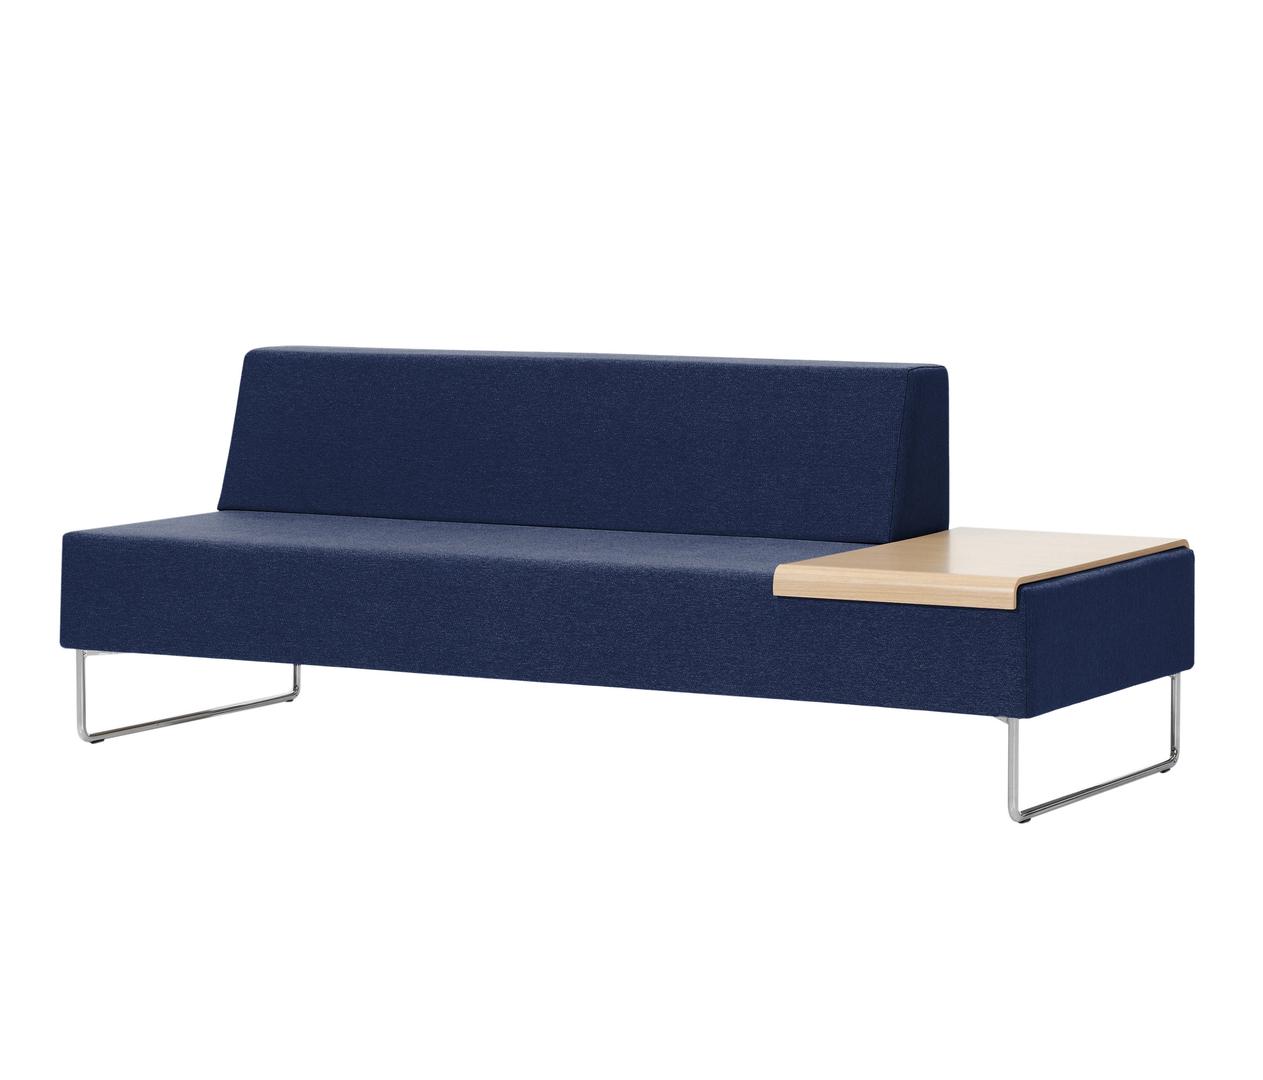 canap design 200 cm avec petite table int gr e pour bureaux. Black Bedroom Furniture Sets. Home Design Ideas